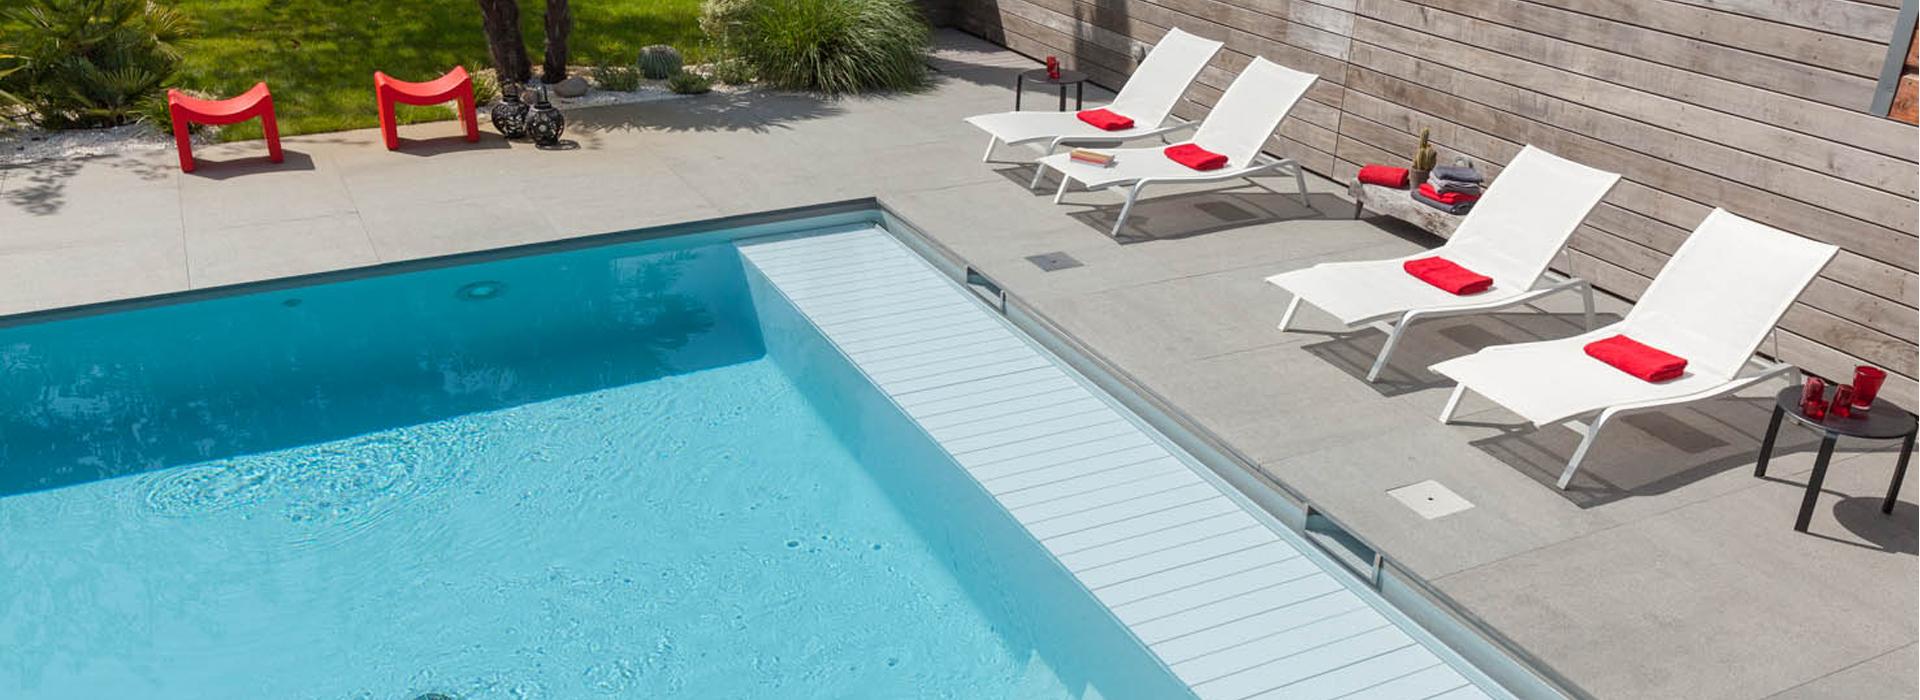 accessoire piscine 37